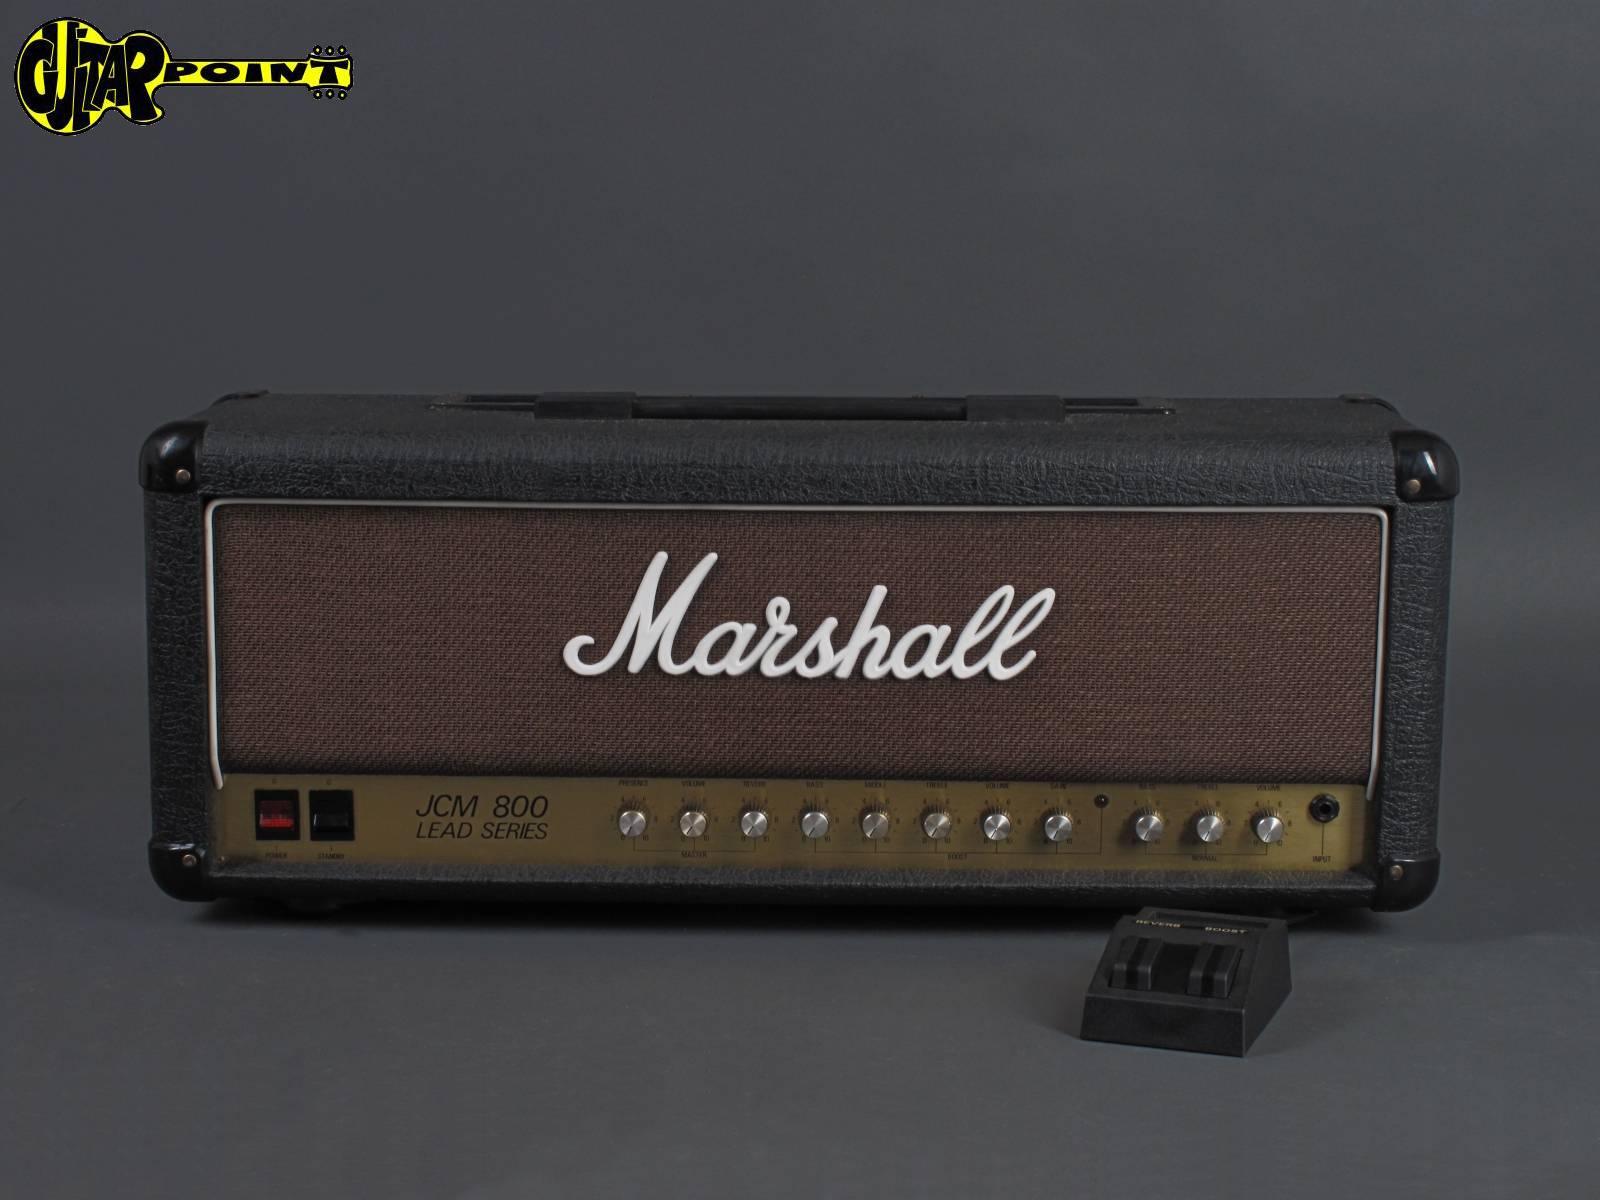 1985 Marshall JCM800 Model 2210 - 100 Watt  - Tube amplifier